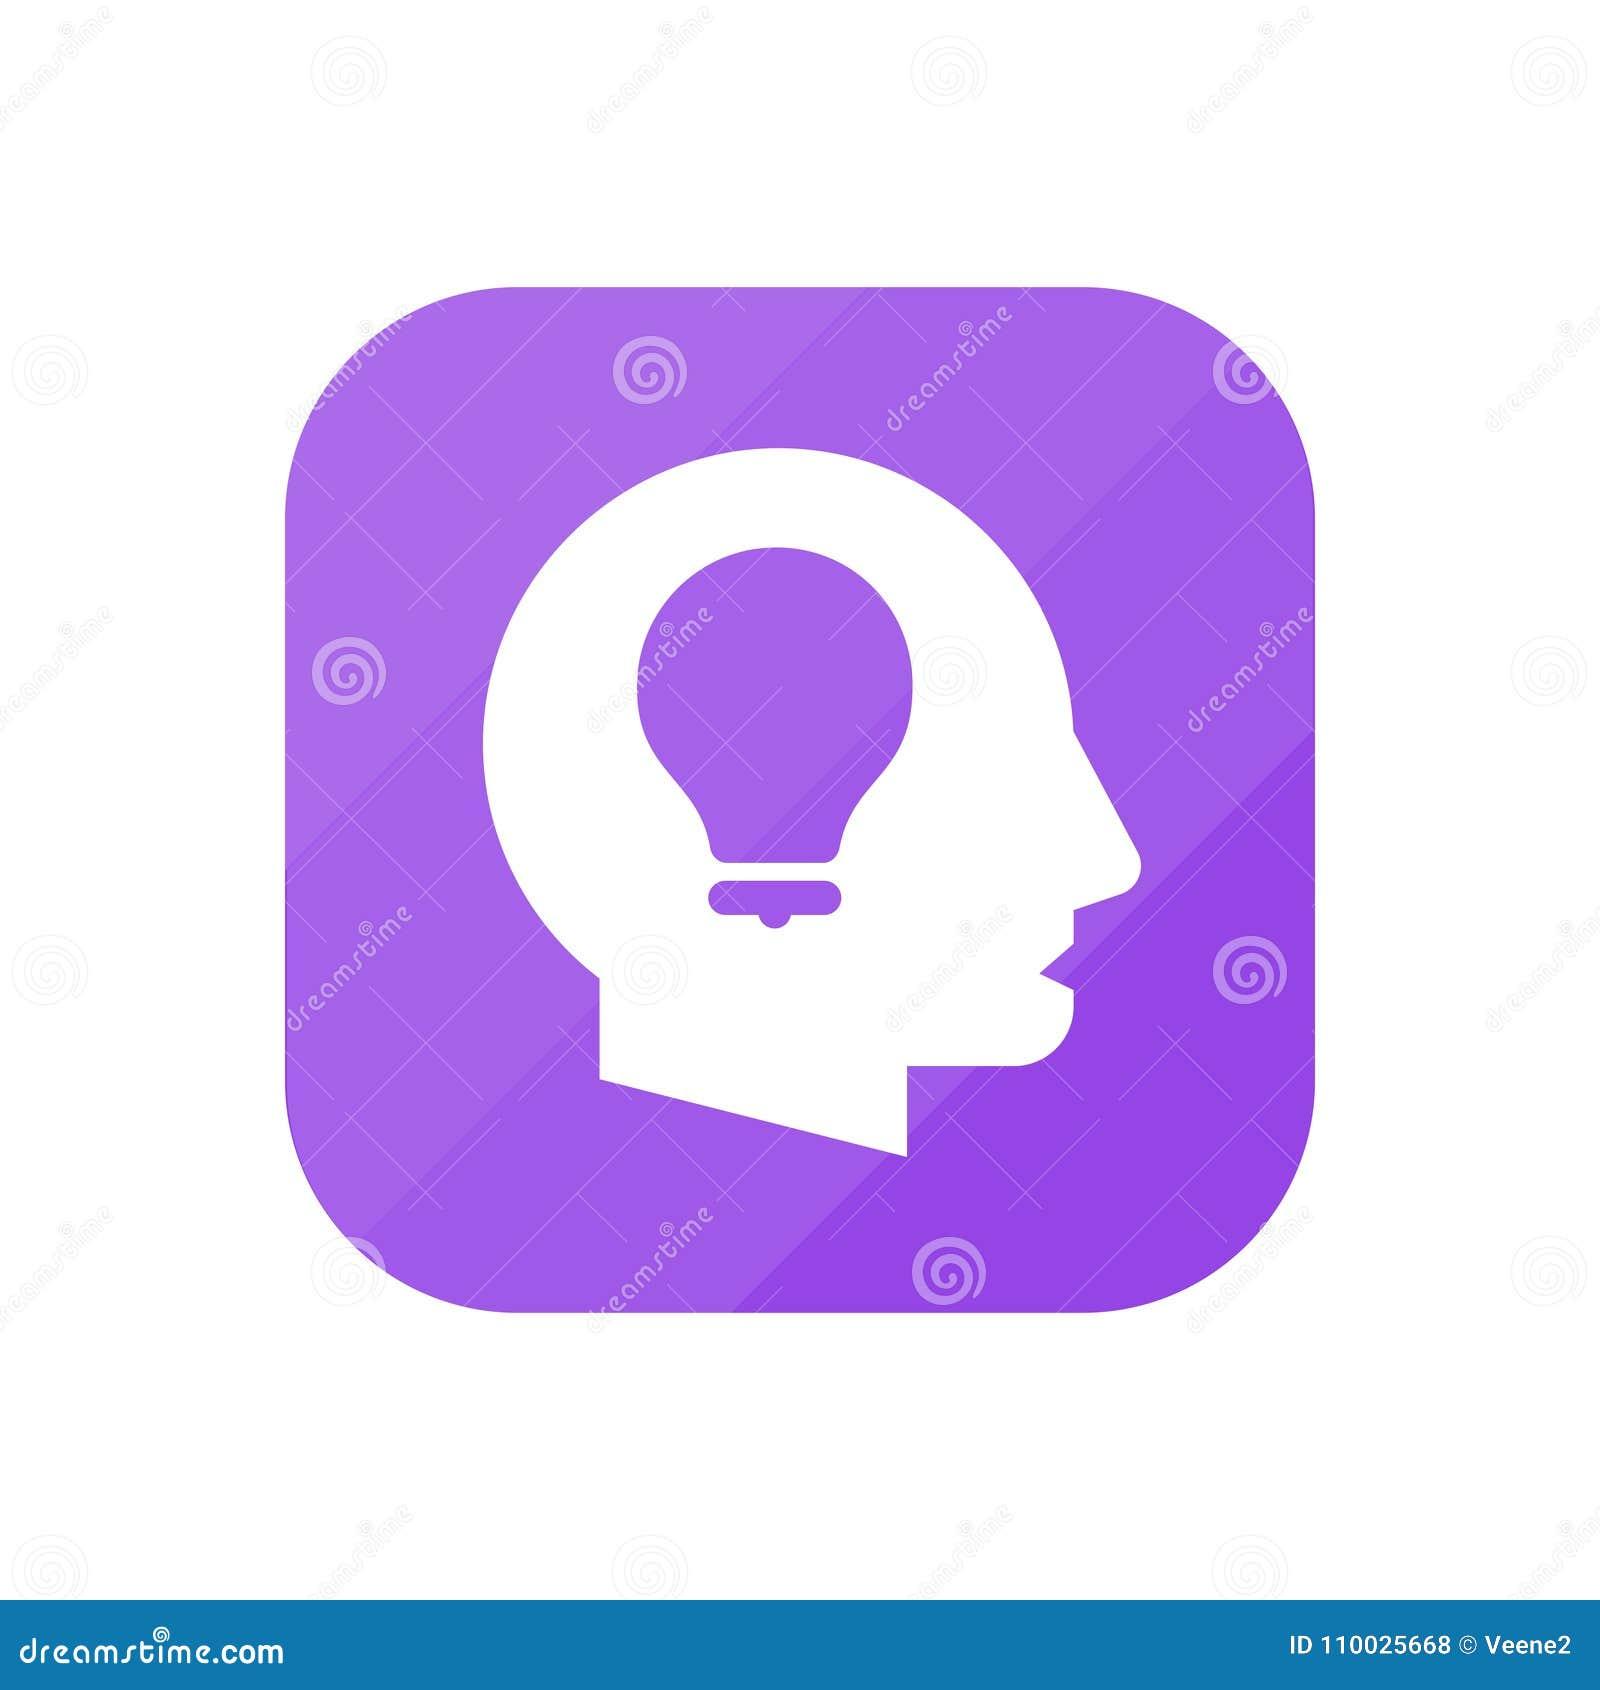 Idee - App Pictogram